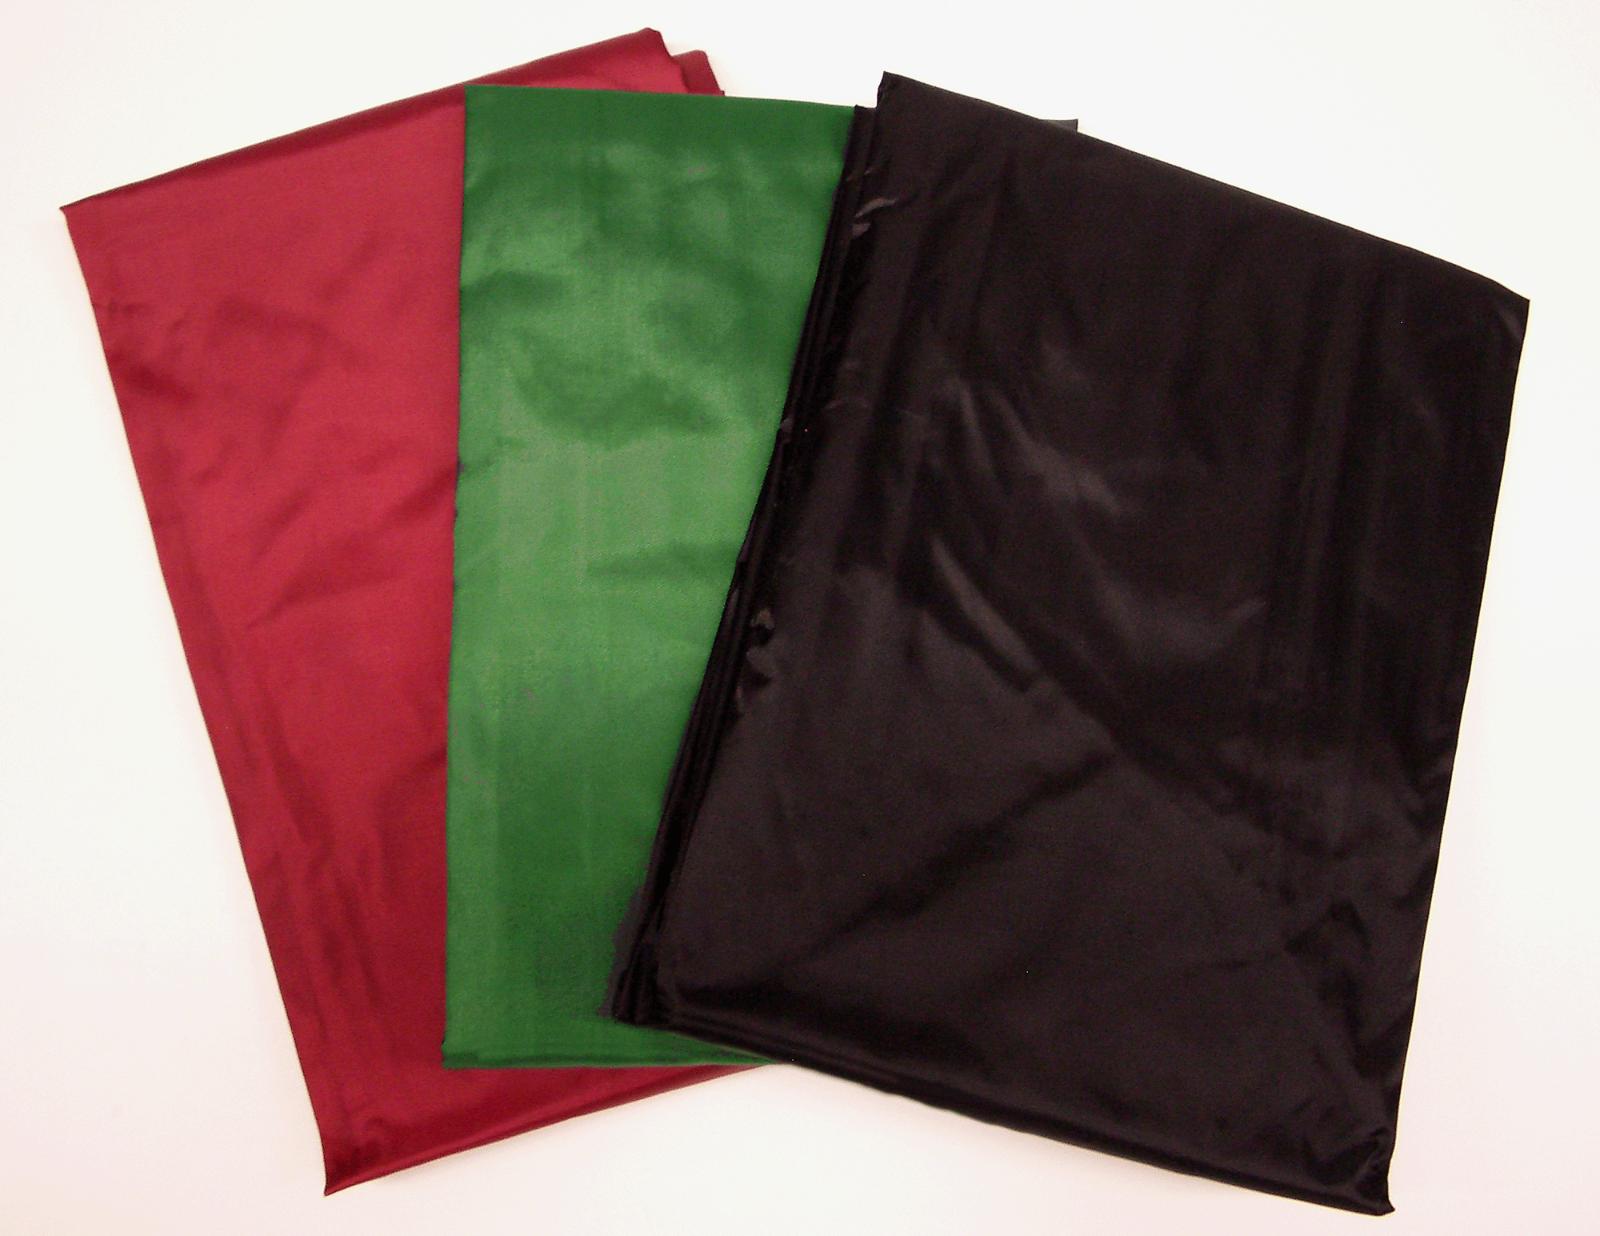 Billard Tisch Abdeckplane Abdeckung Cover aus Nylon für Tisch 7Ft 8Ft und 9Ft